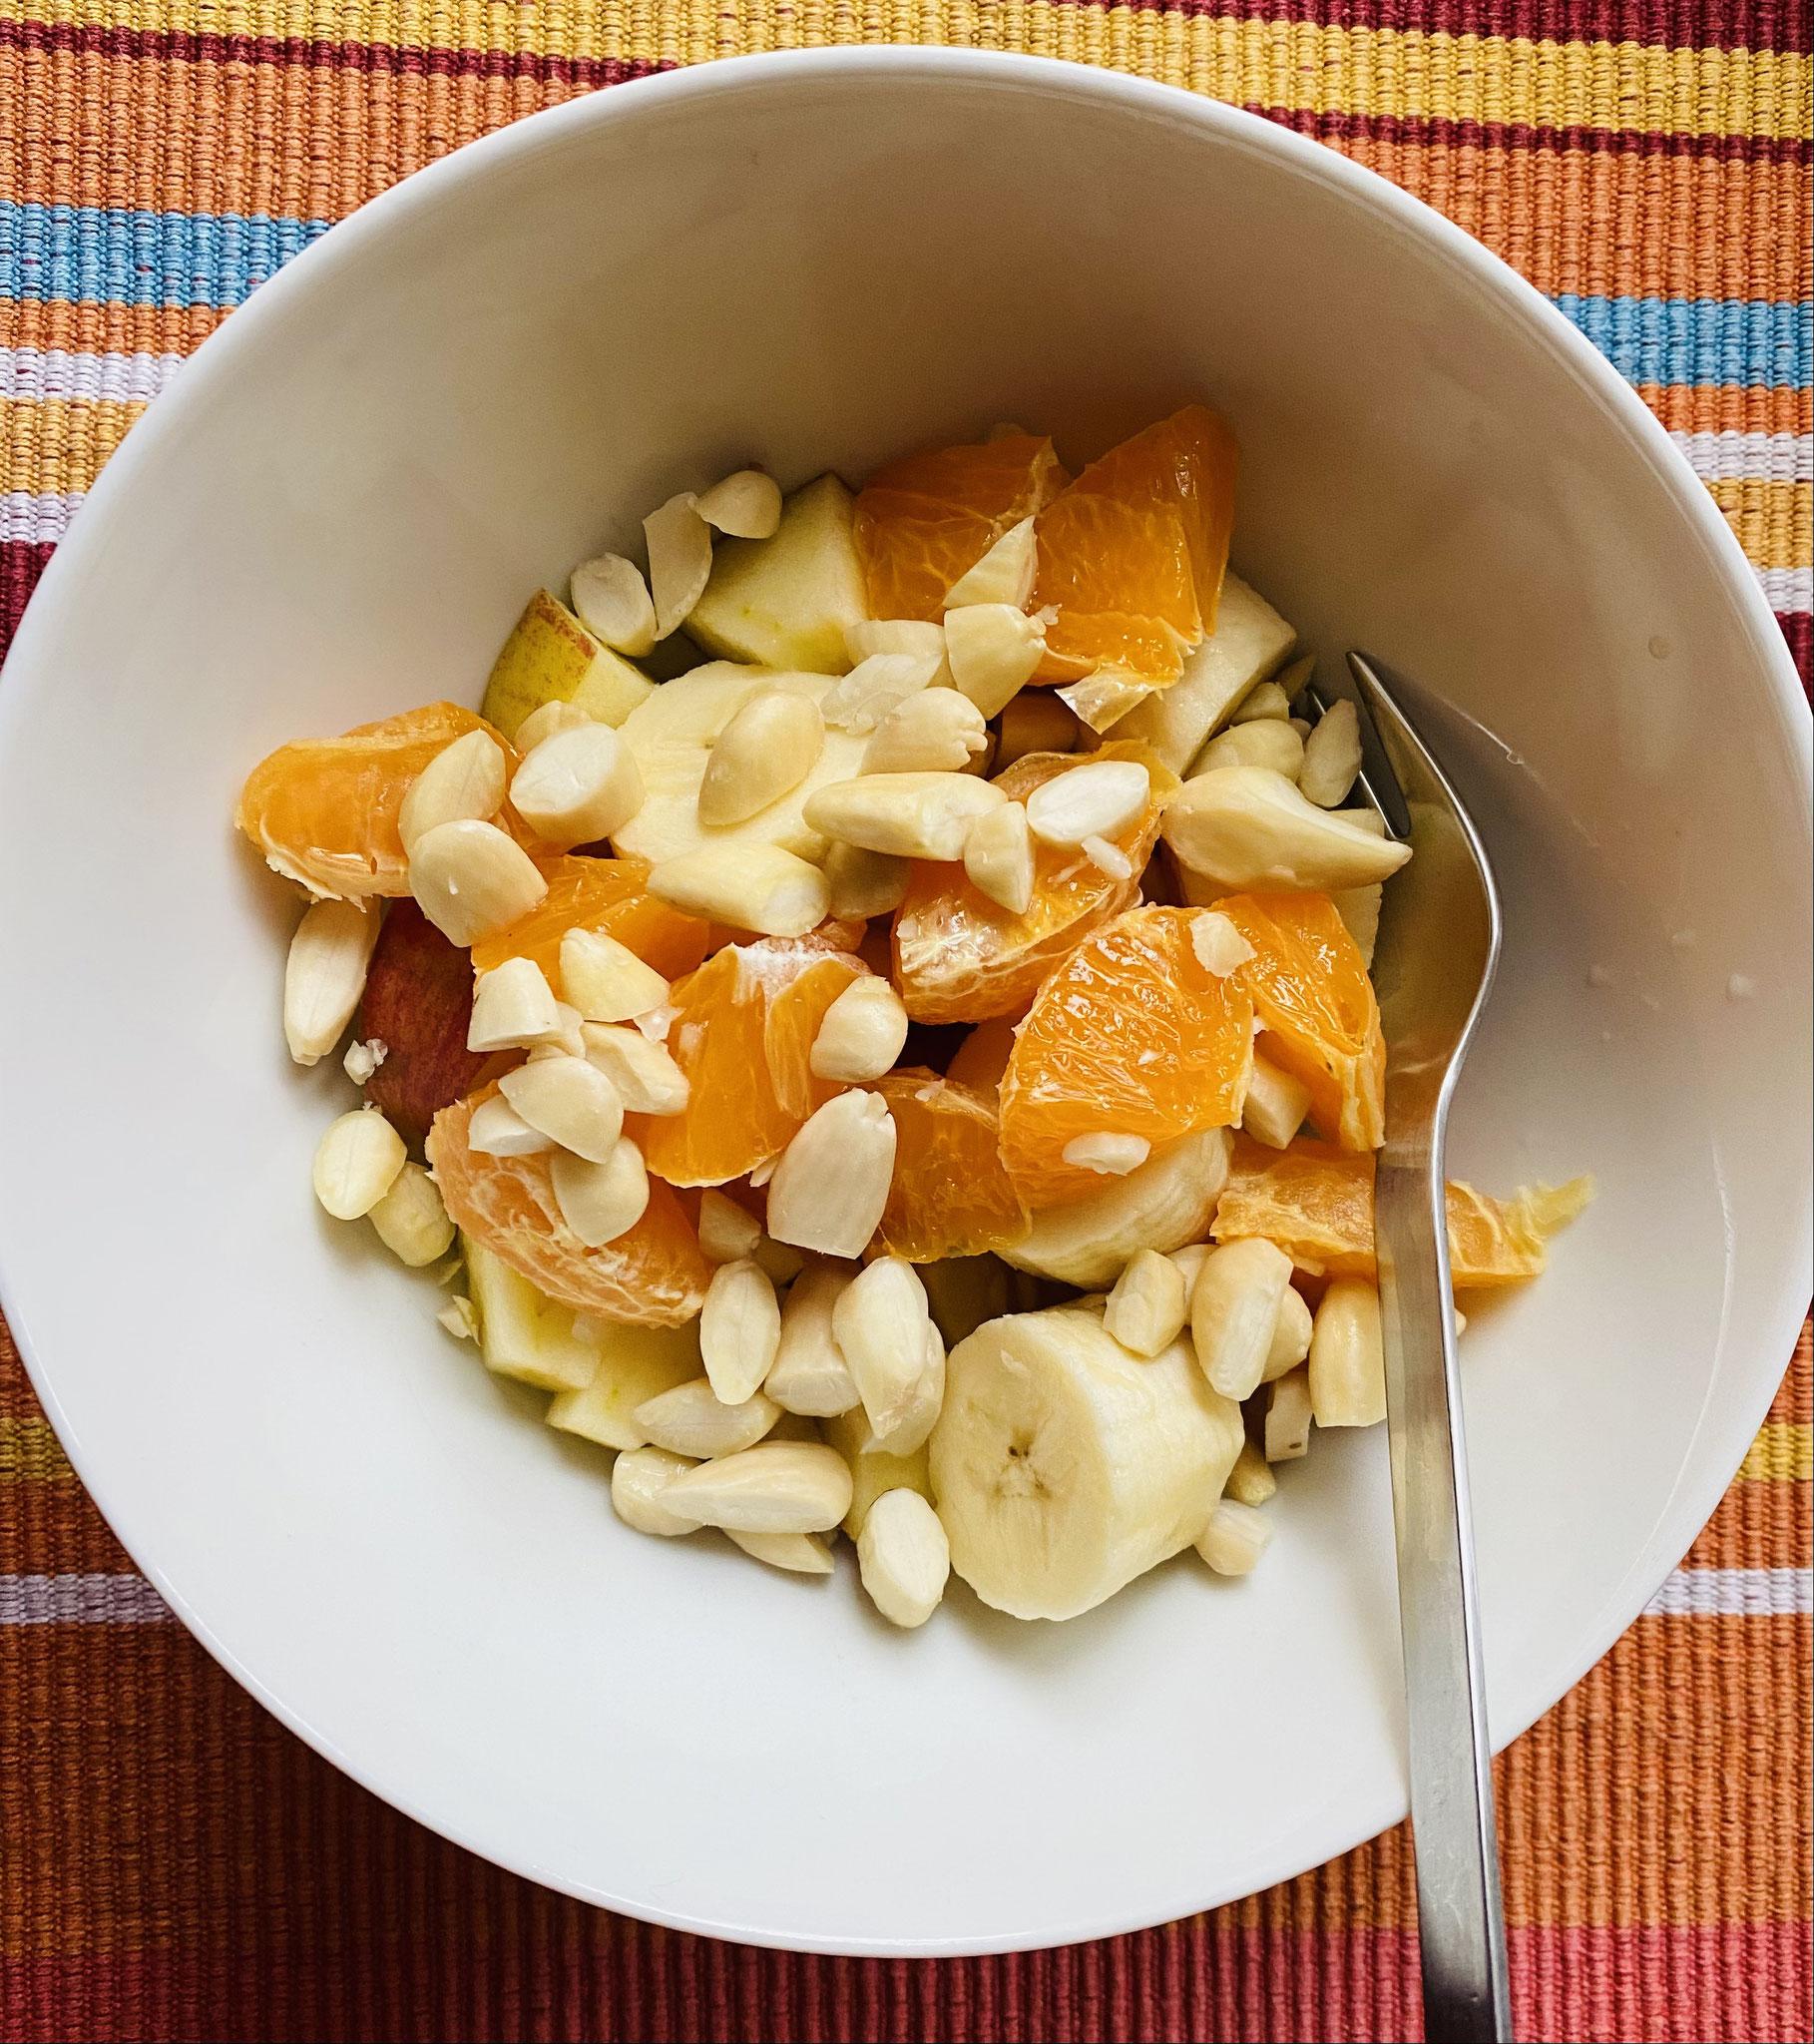 Breakfast in Niederpöcking - an diese Obstschalen könnte ich mich gewöhnen!